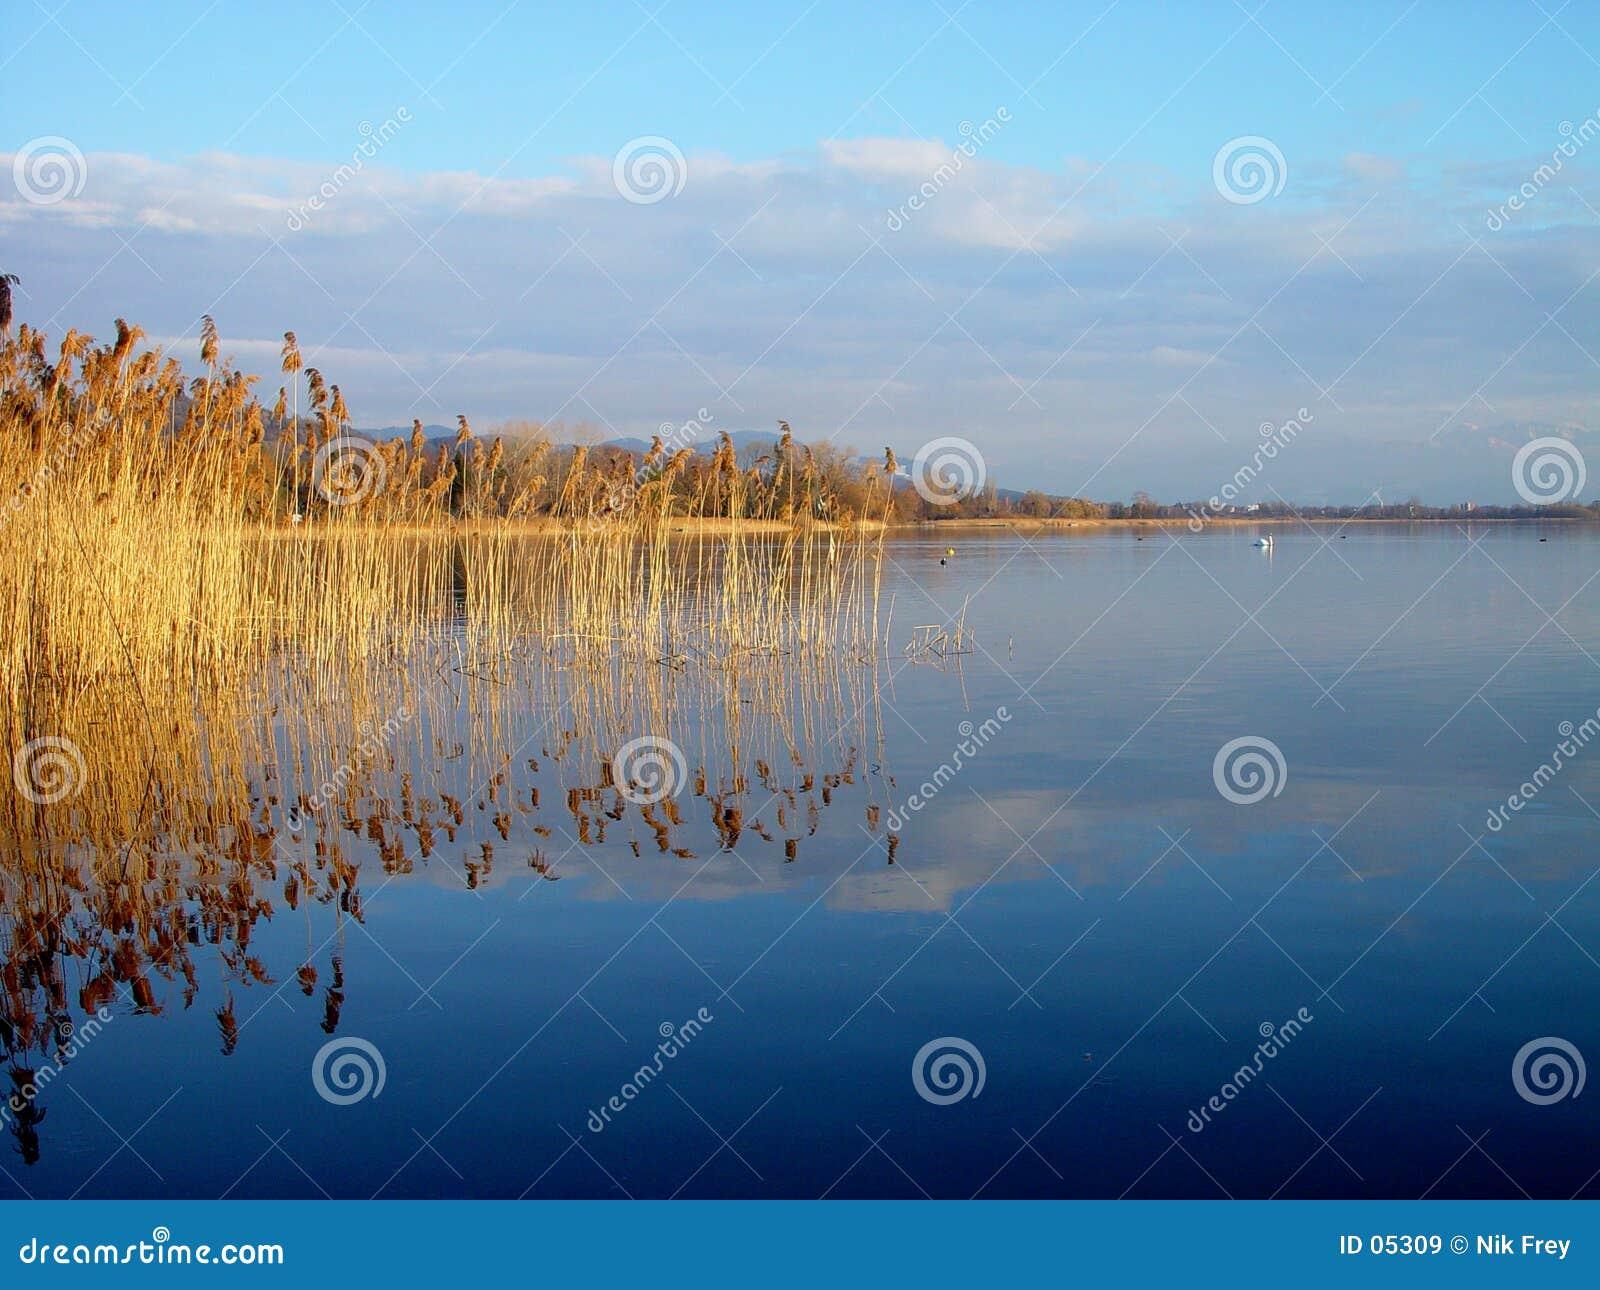 See Greifensee